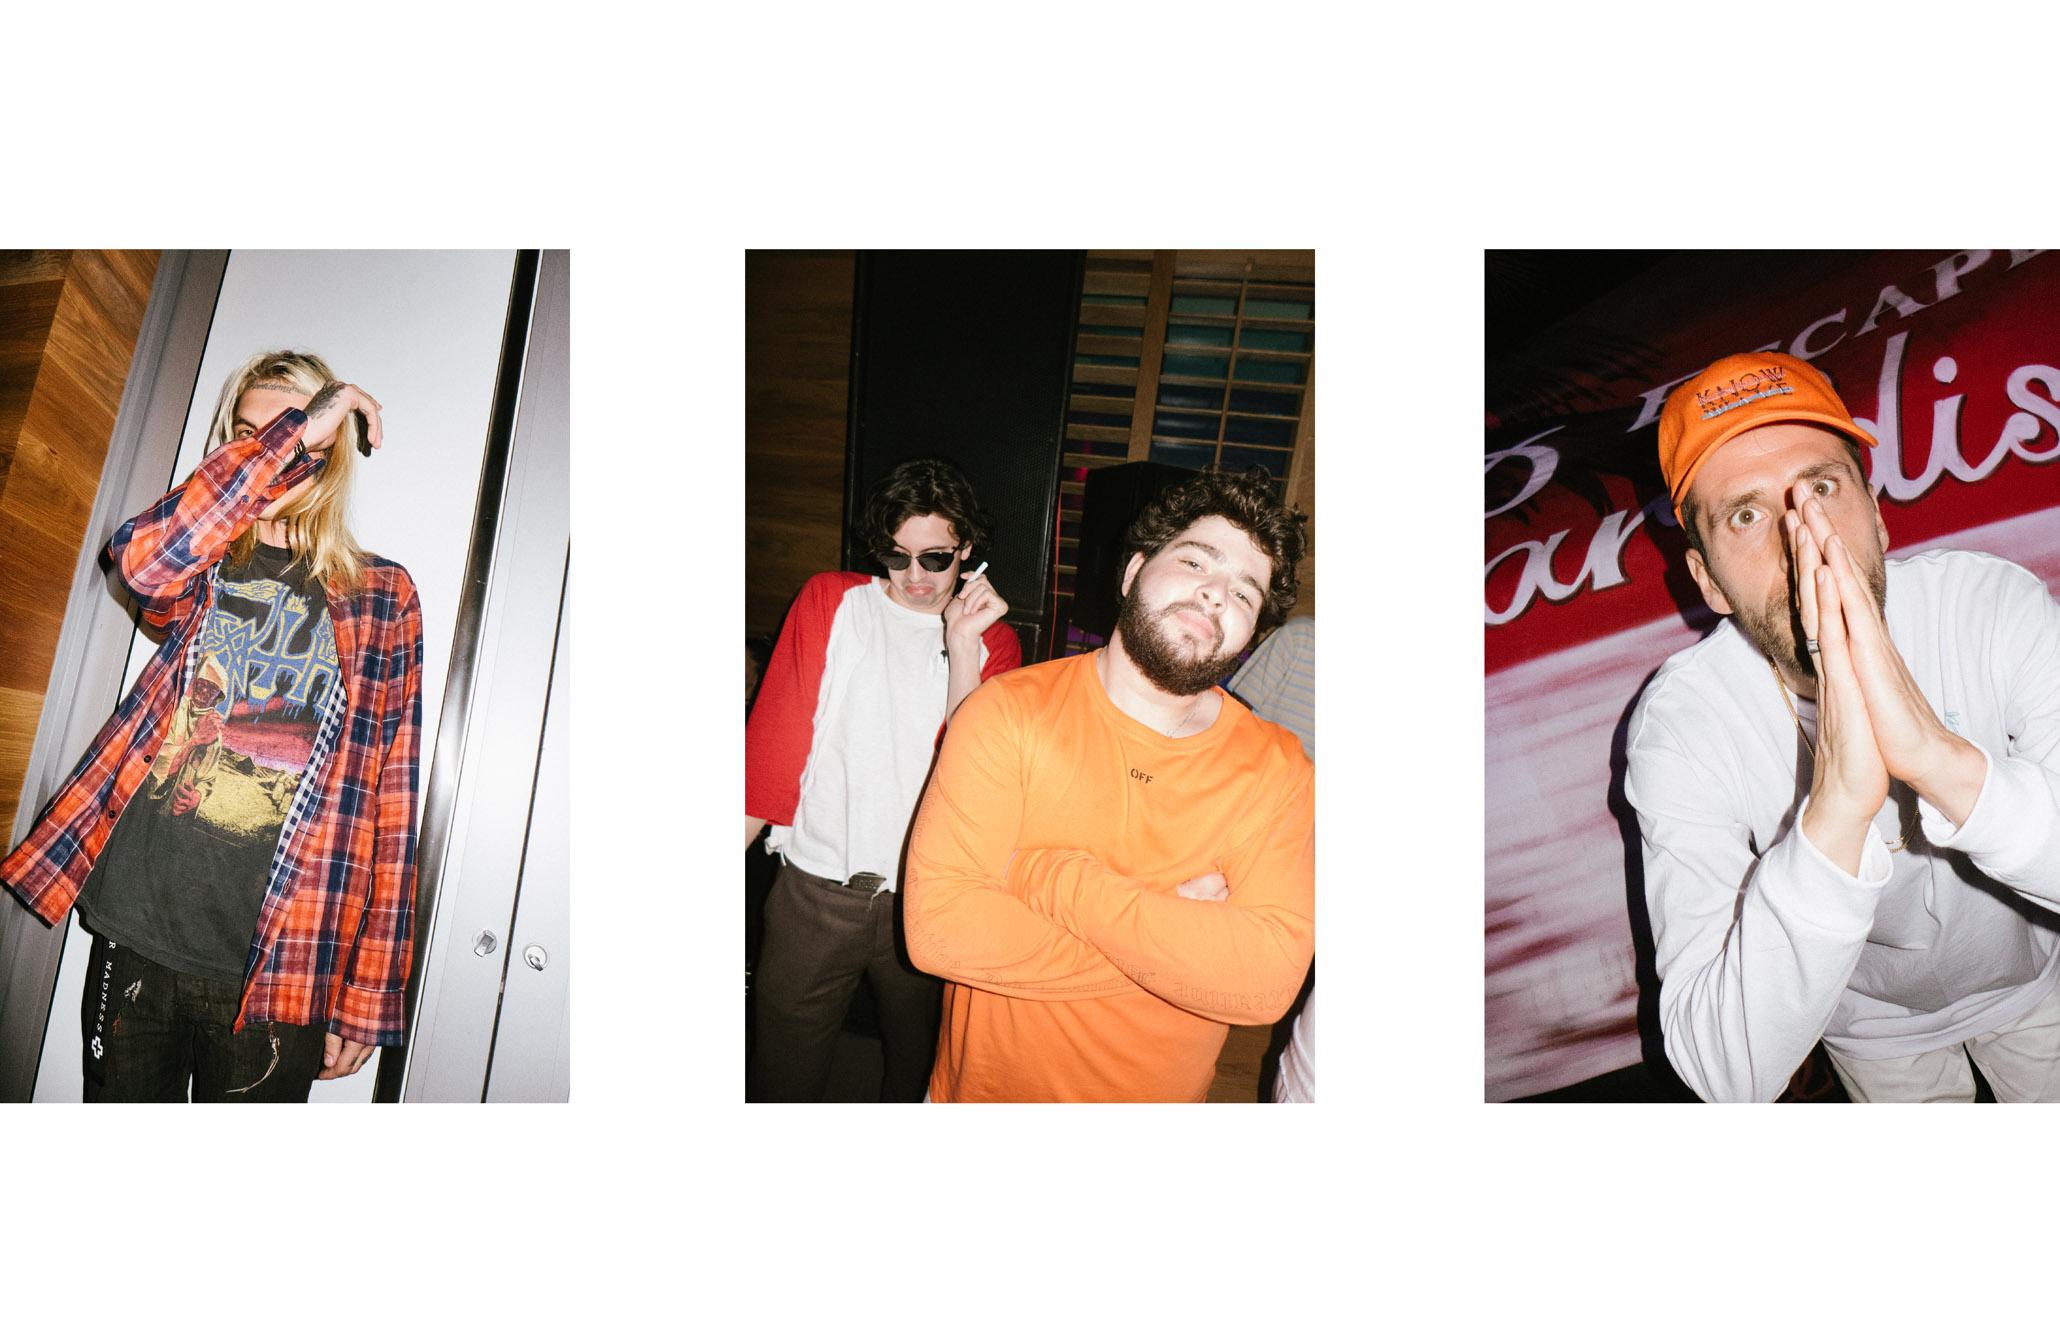 Bradley Soileau,Gianni Mora, Alex Gucci2times2 etMichael Dupouy.